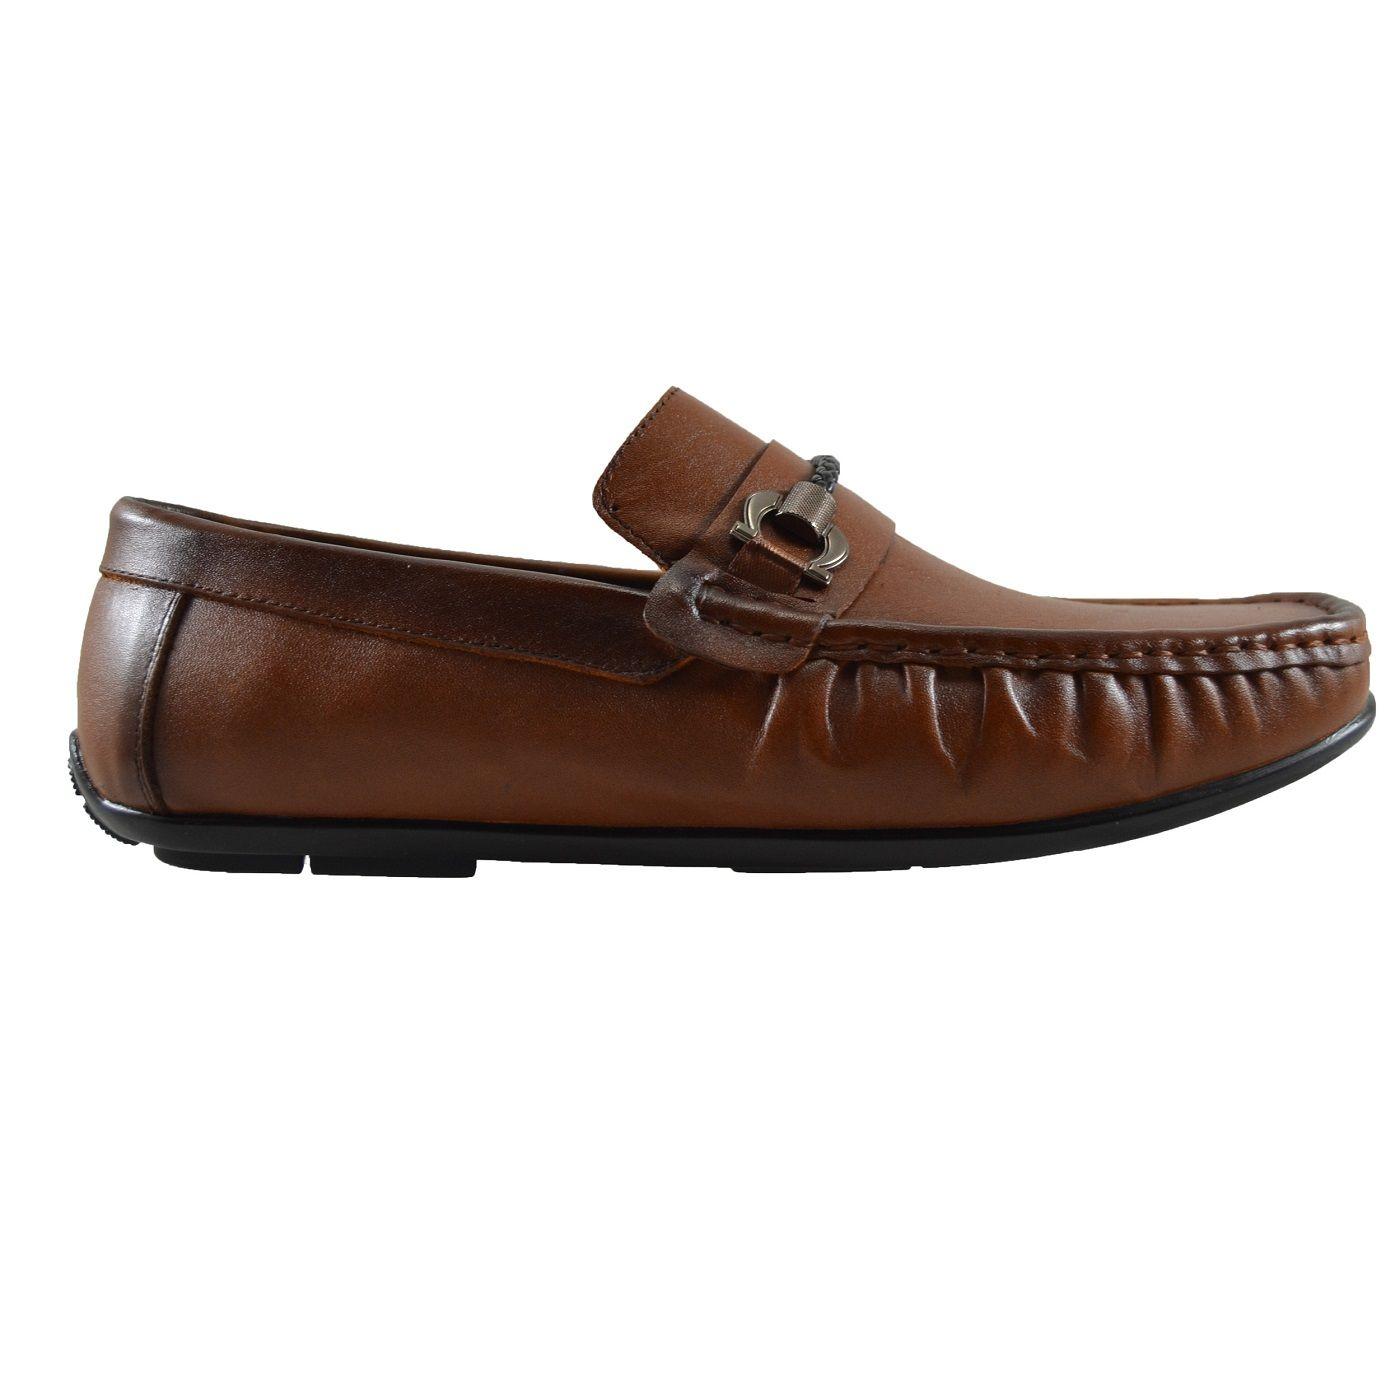 کفش روزمره مردانه کد 280 -  - 1